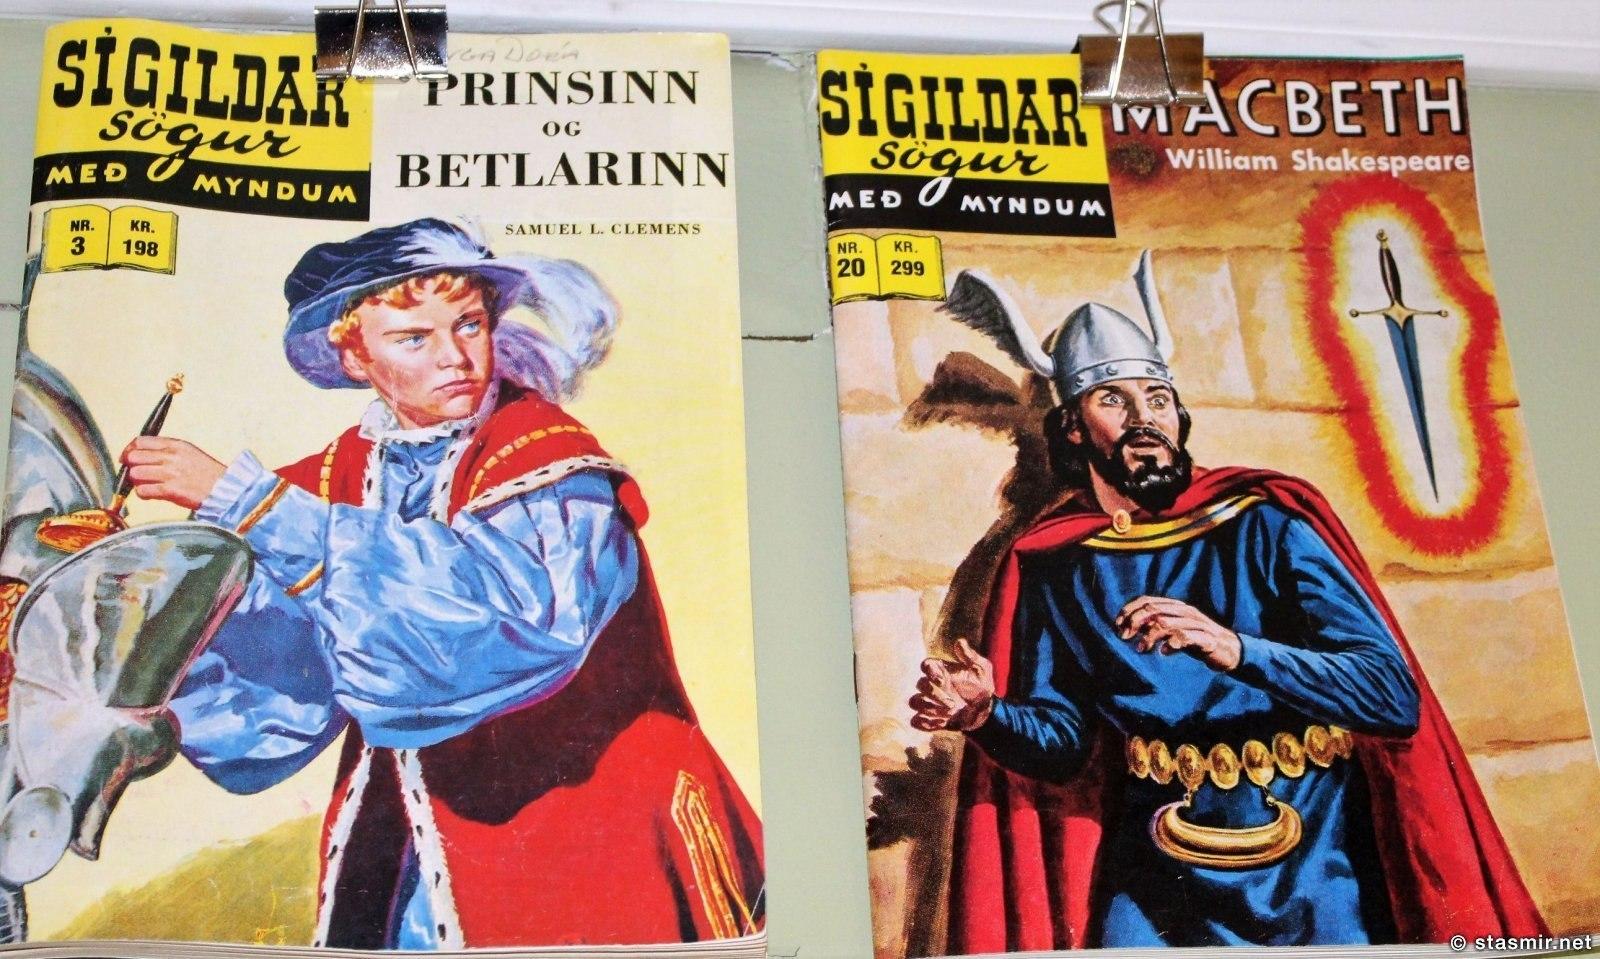 Магбет и прочая детская литература на исландском, фото Стасмир, Photo Stasmir